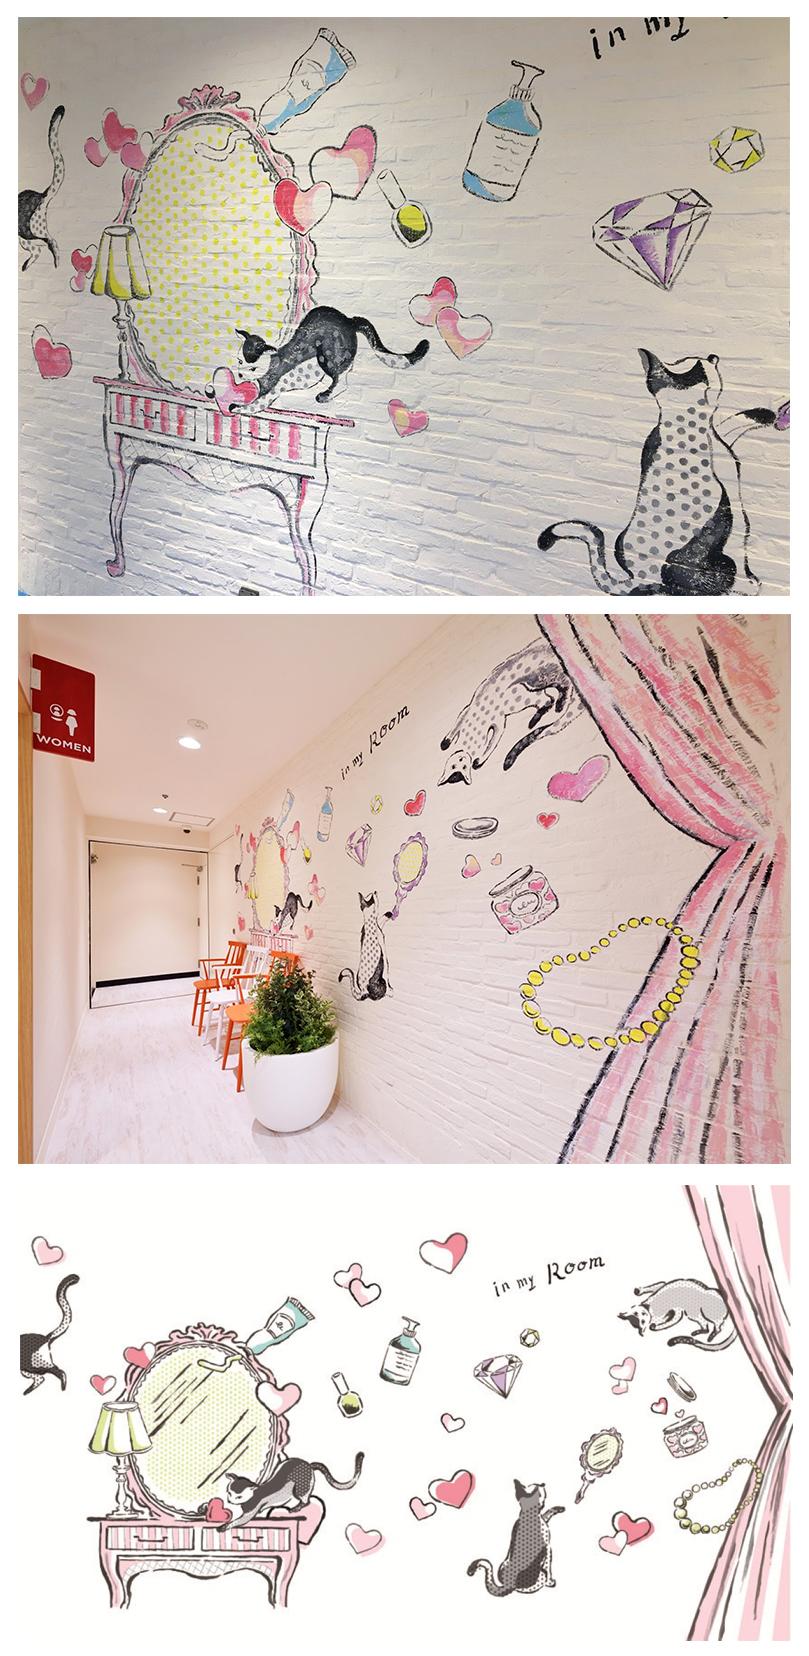 静岡東急スクエア壁面イラスト